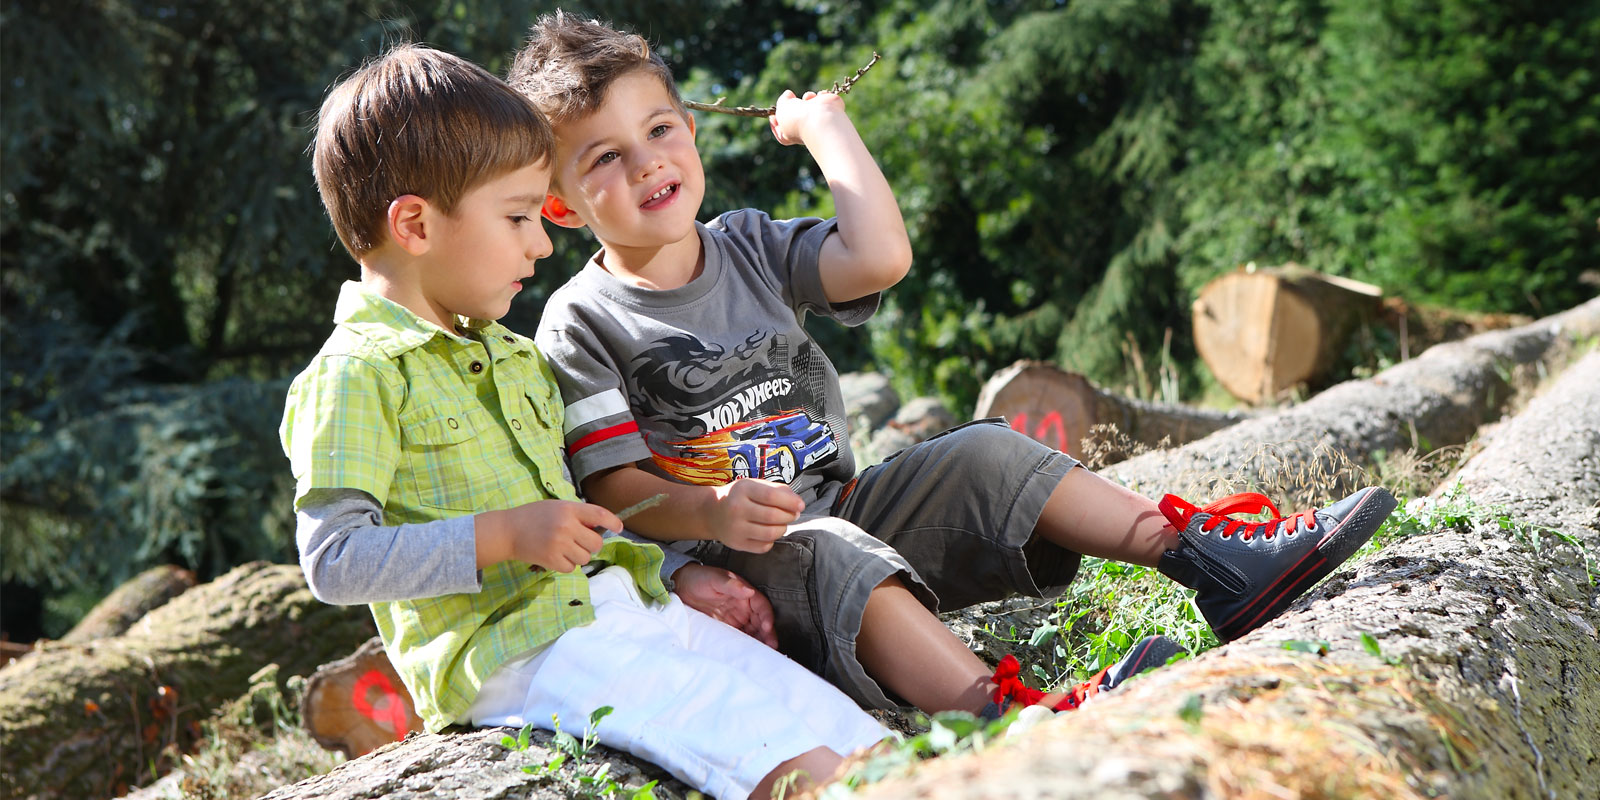 enfants en plein air